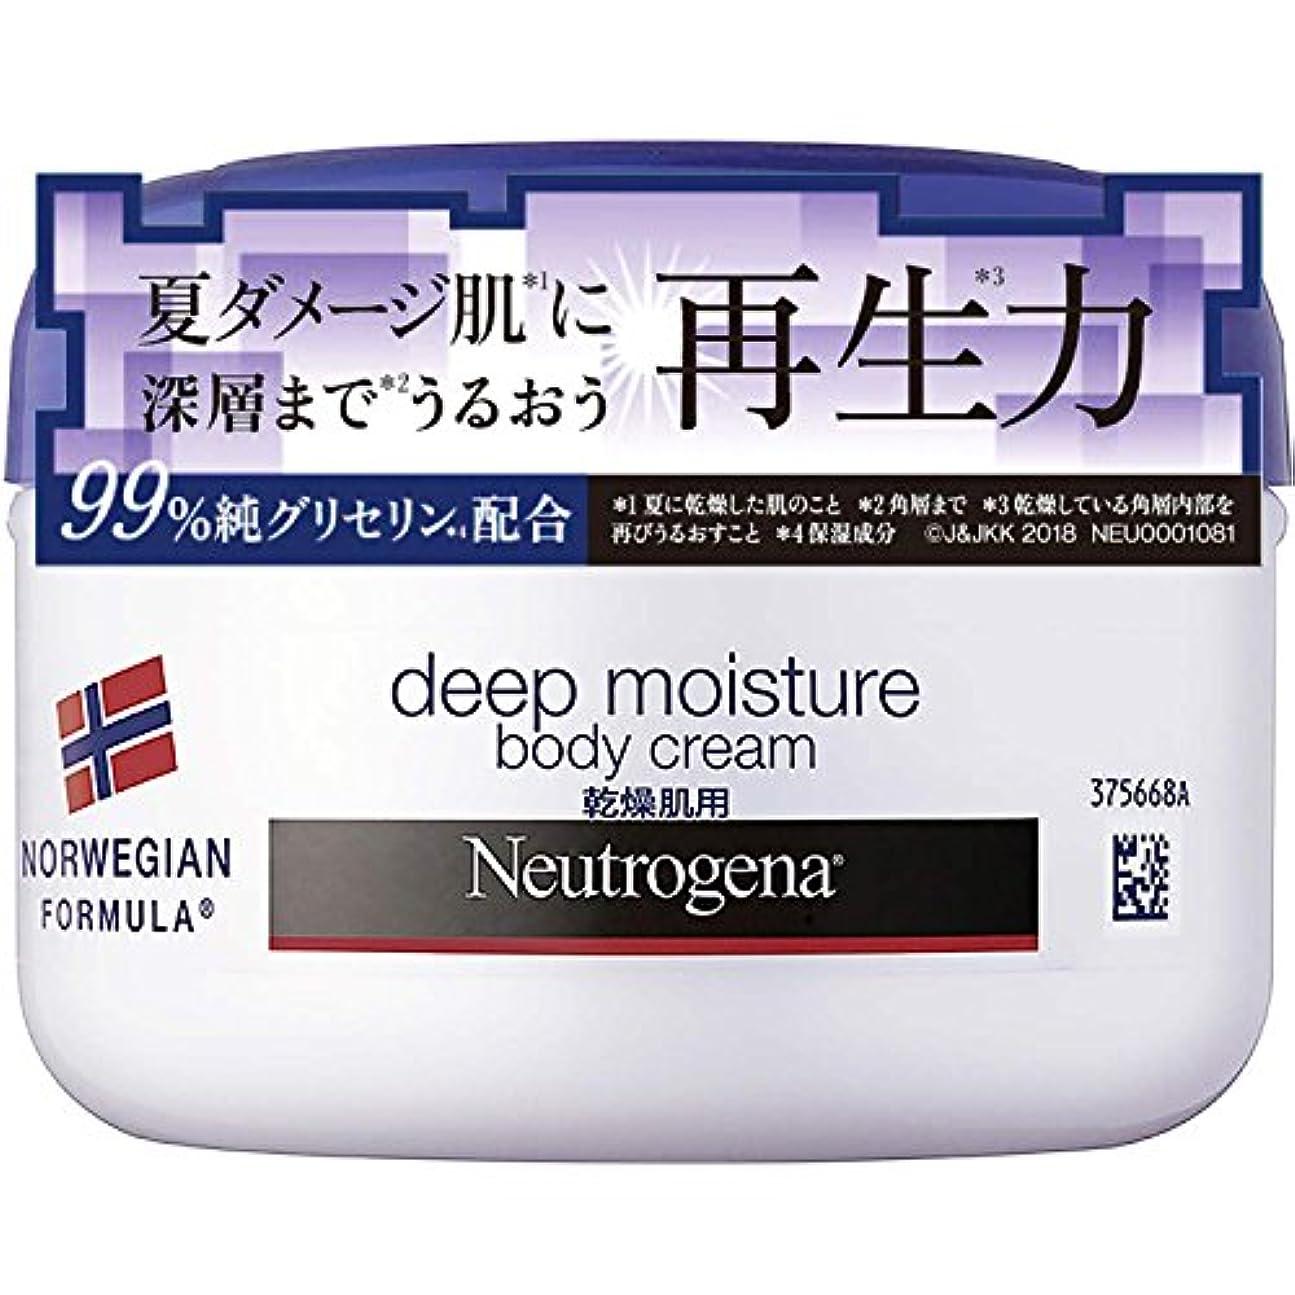 現像抹消に負けるNeutrogena(ニュートロジーナ) ノルウェーフォーミュラ ディープモイスチャー ボディクリーム 乾燥肌用 微香性 200ml